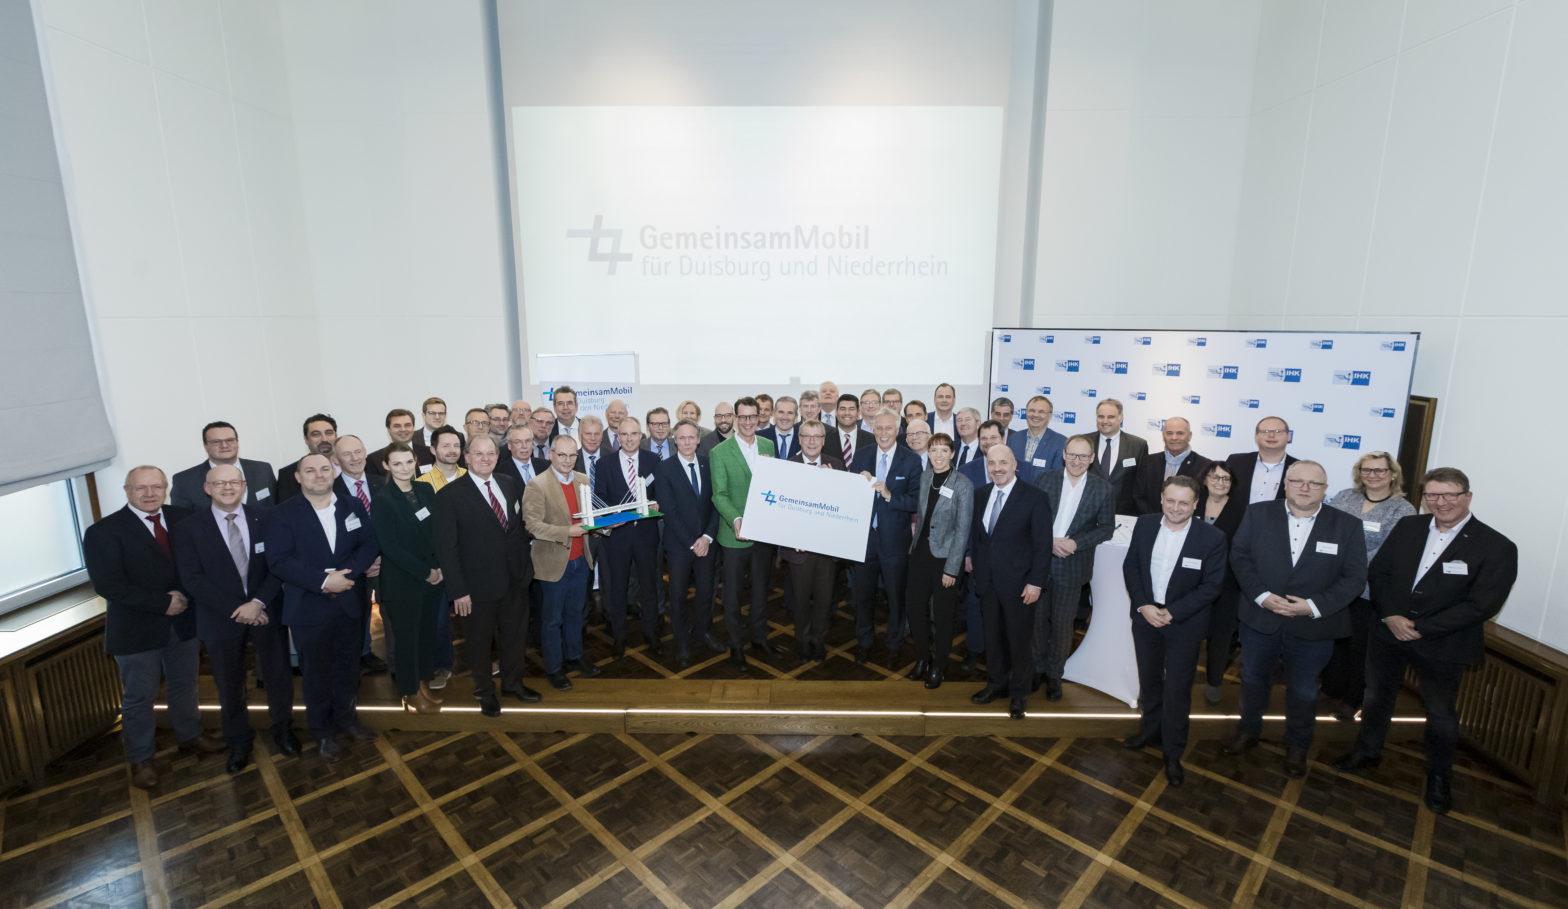 Viele Unternehmerinnen und Unternehmer vom Niederrhein unterstützen das Bündnis für Moblität #GemeinsamMobil.